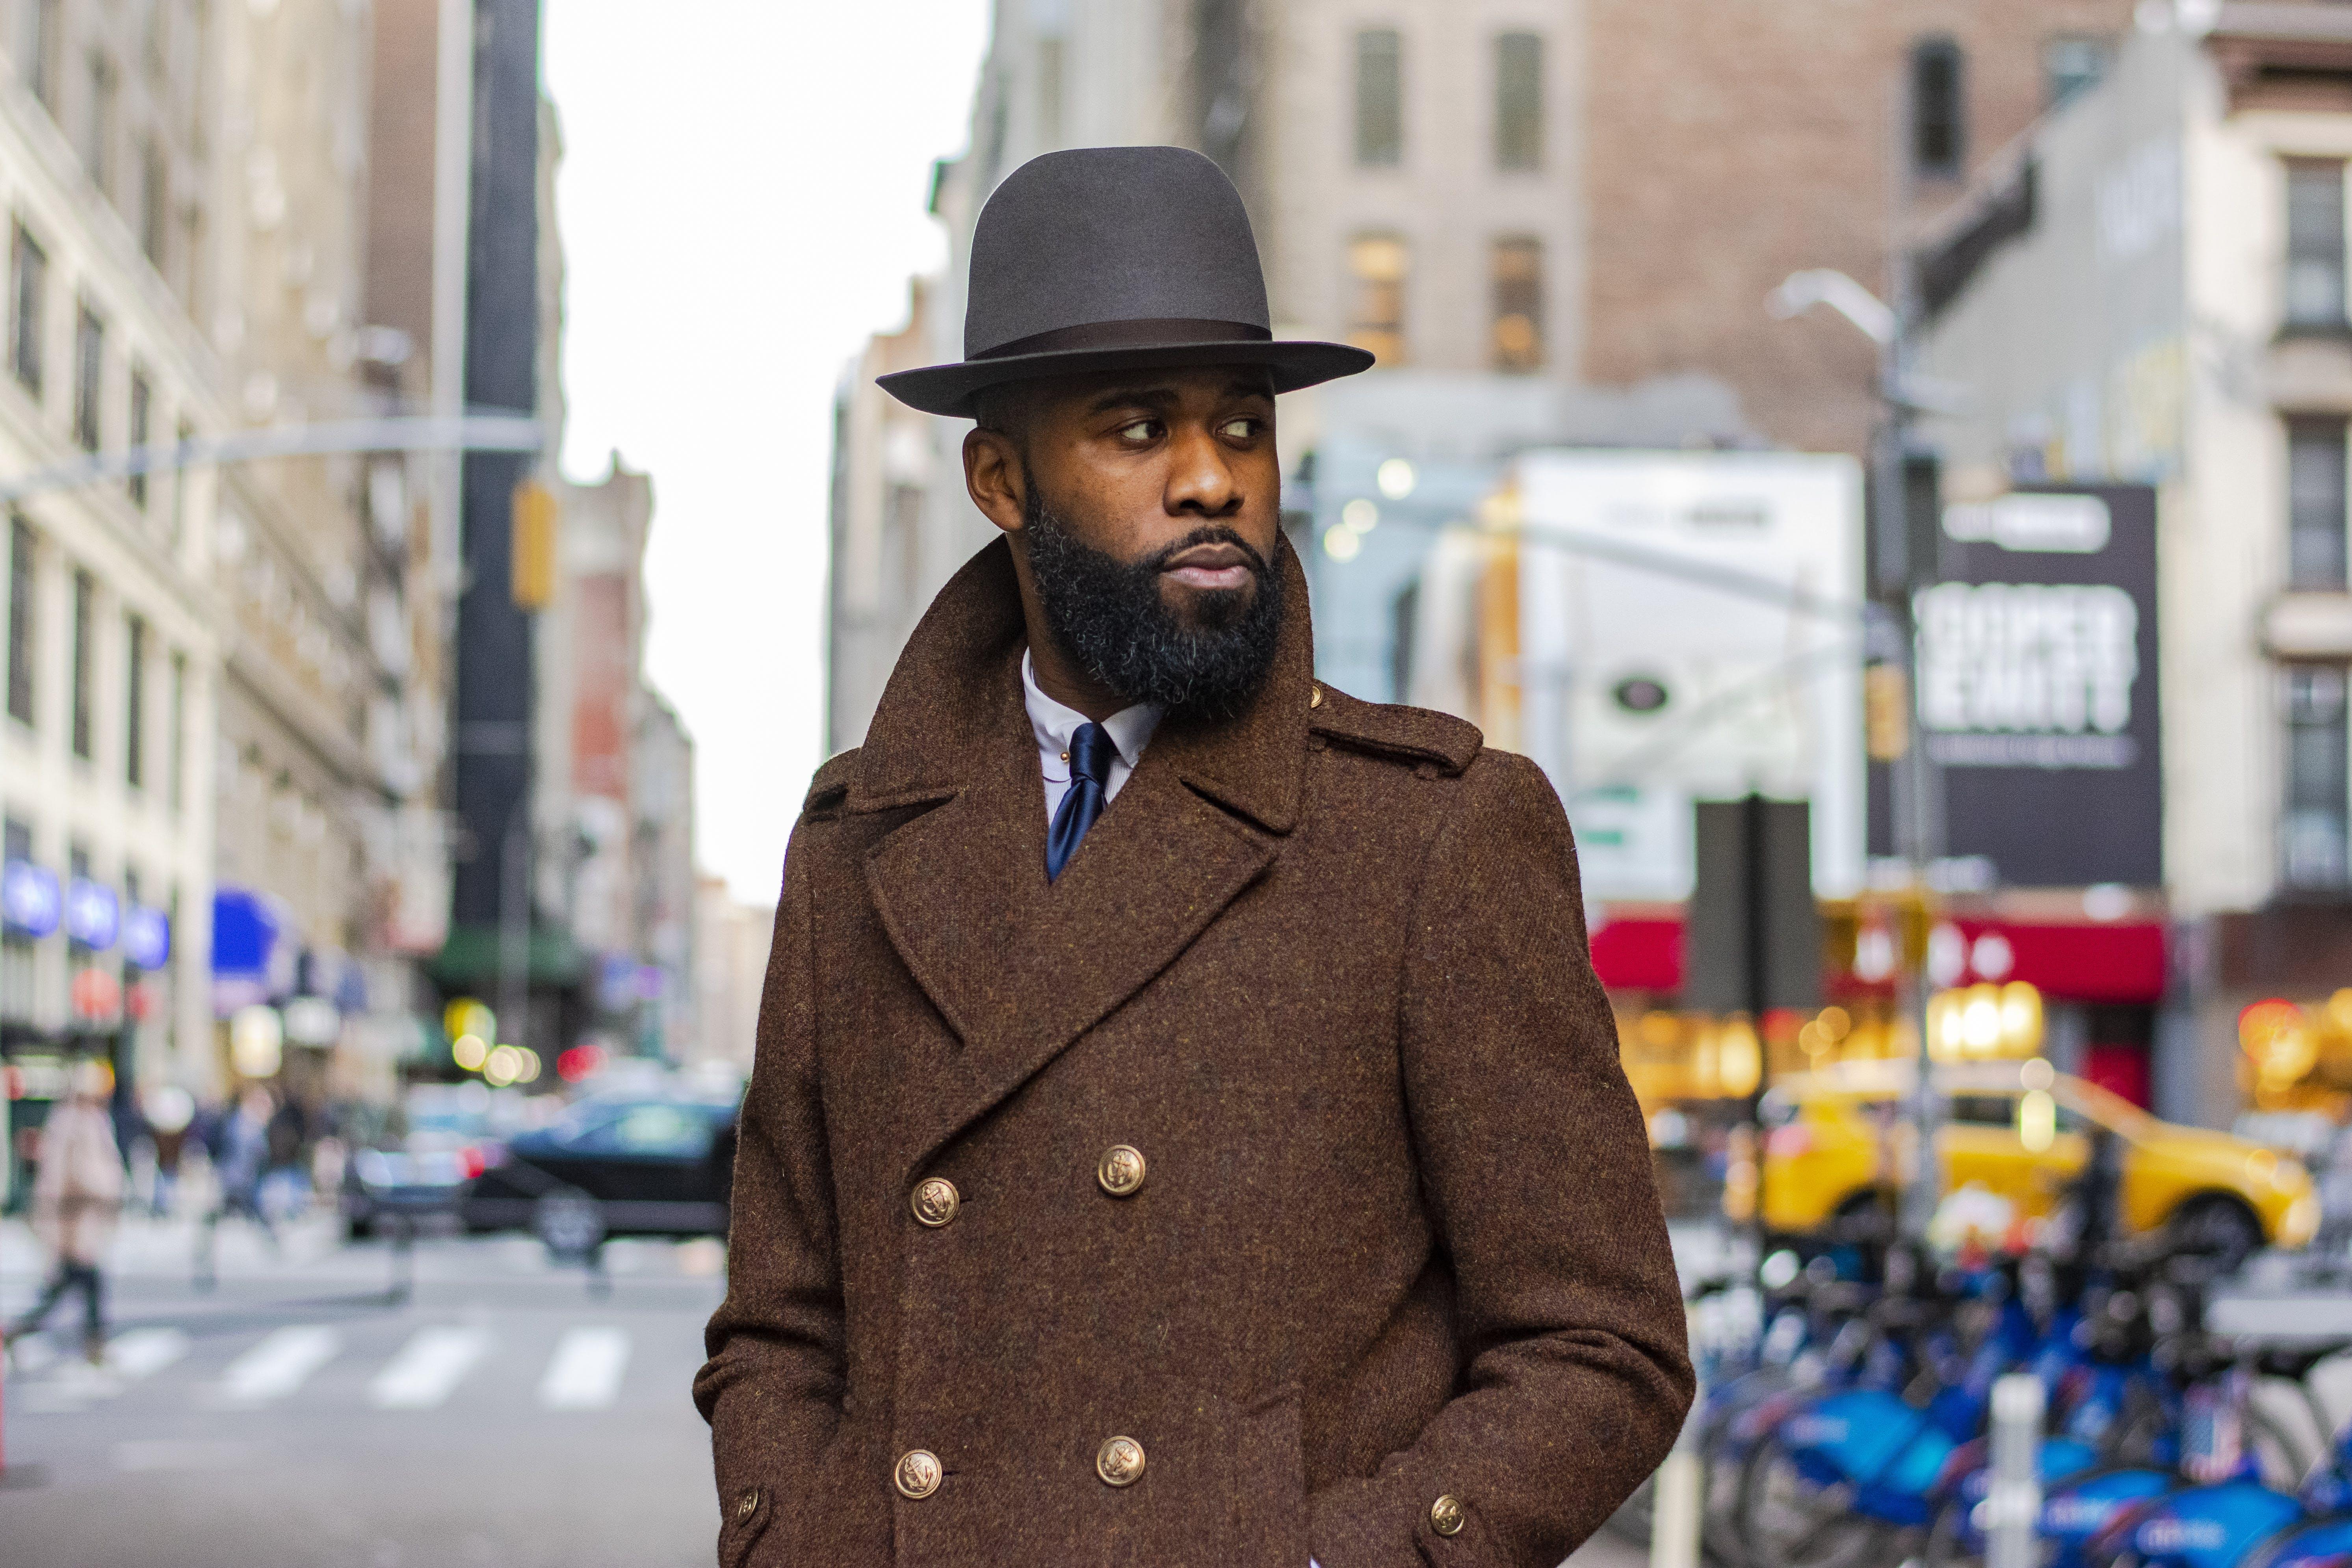 Man In Brown Coat